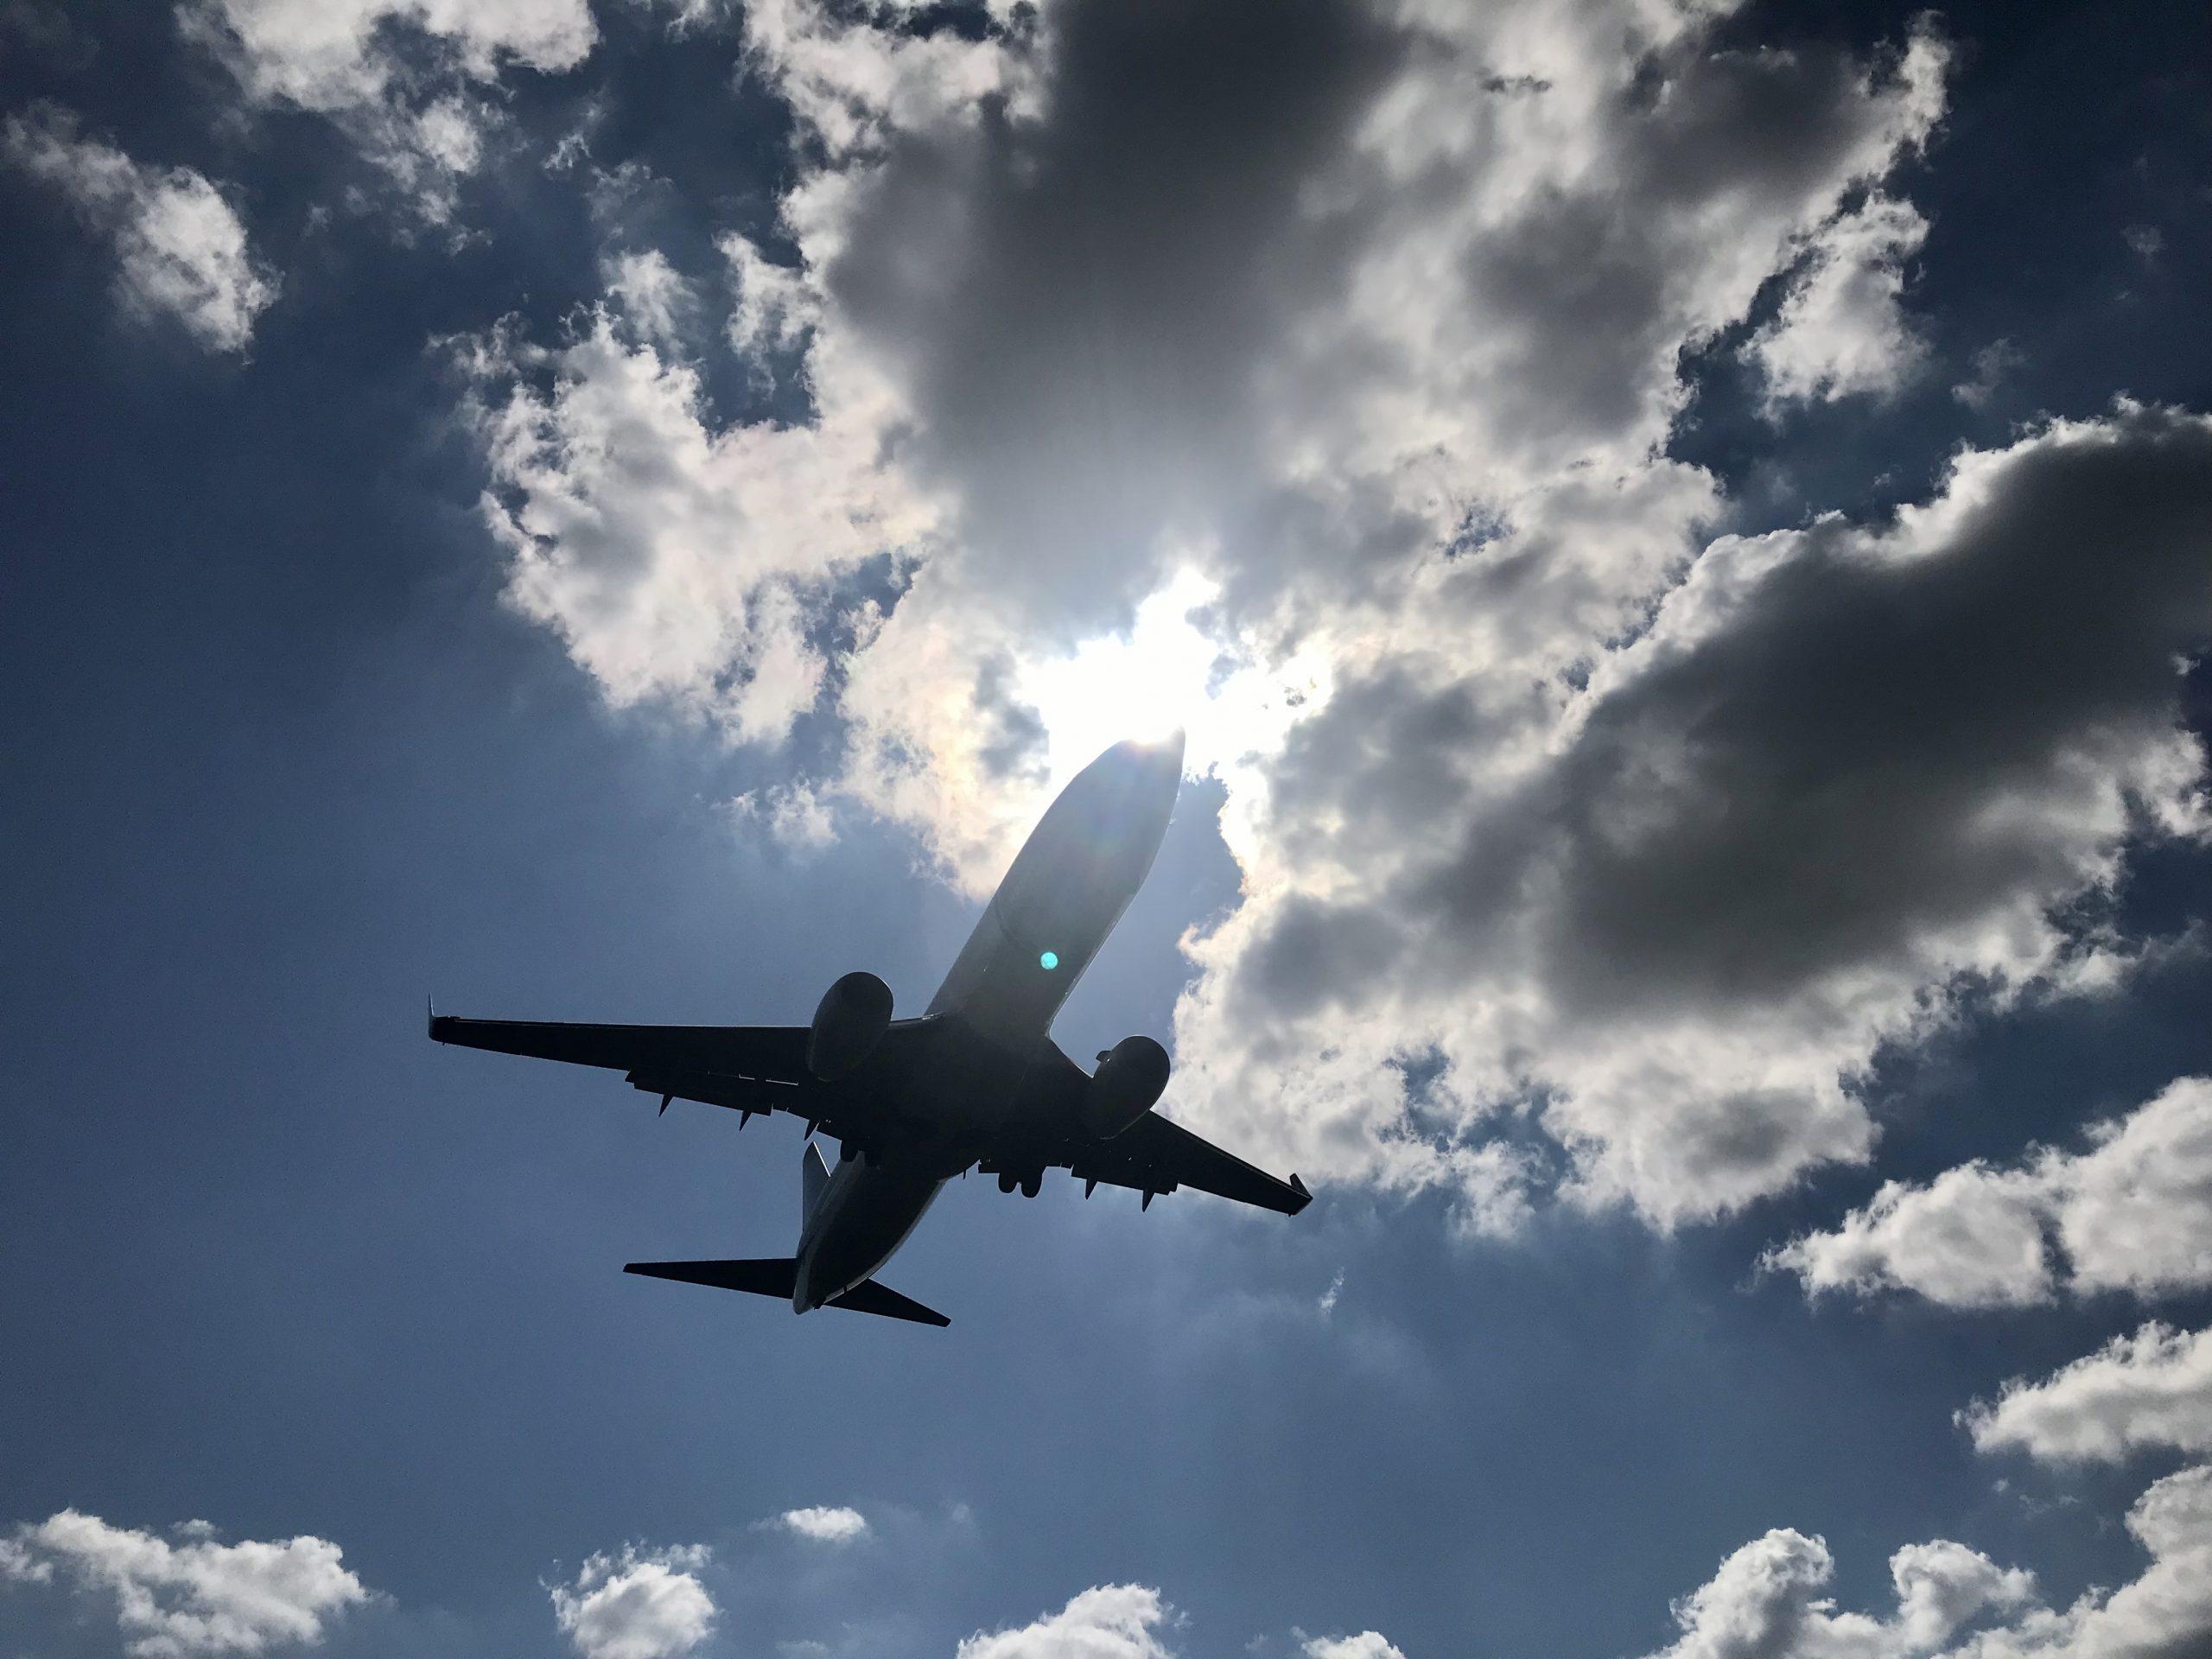 Flightspotting